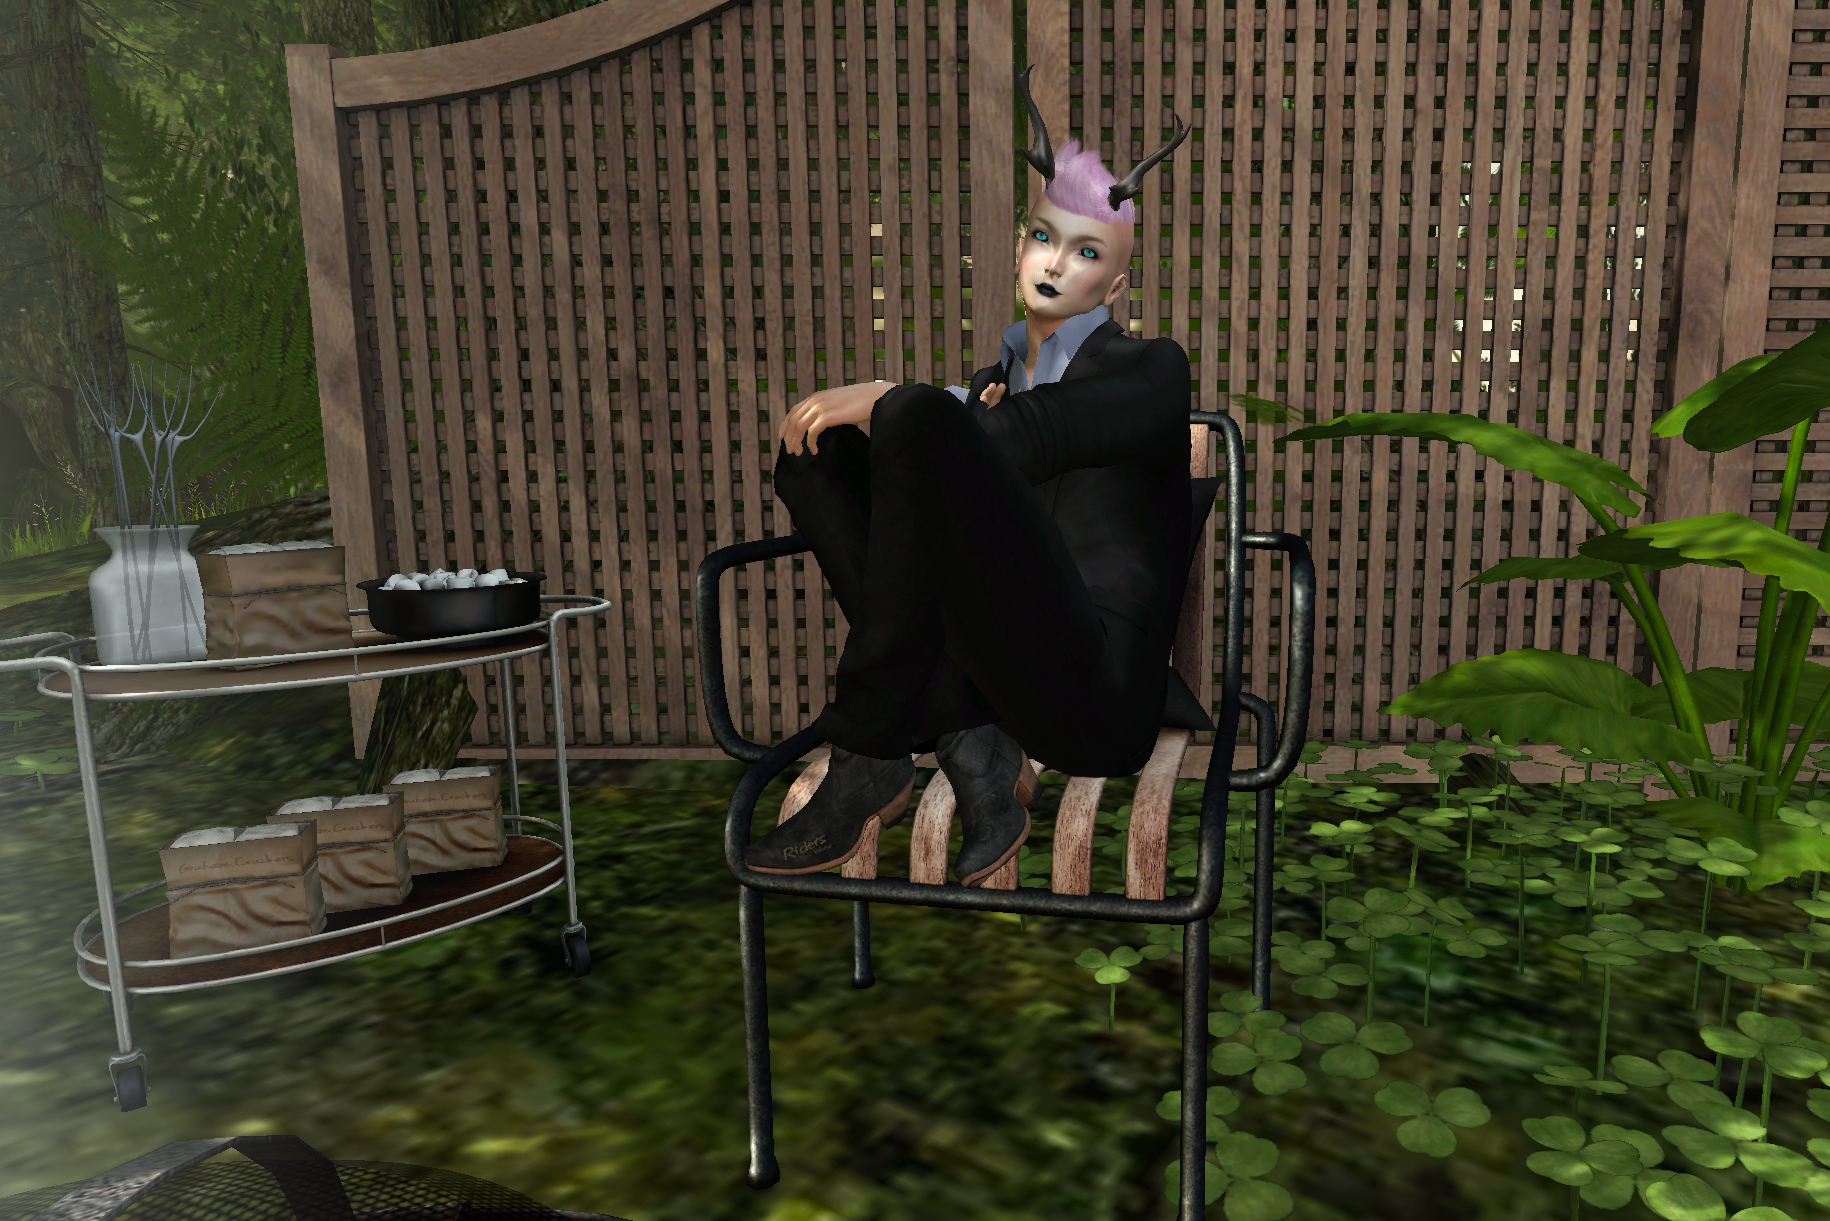 chair.jpg.216c79f5a1a9075af4b390cb78351b